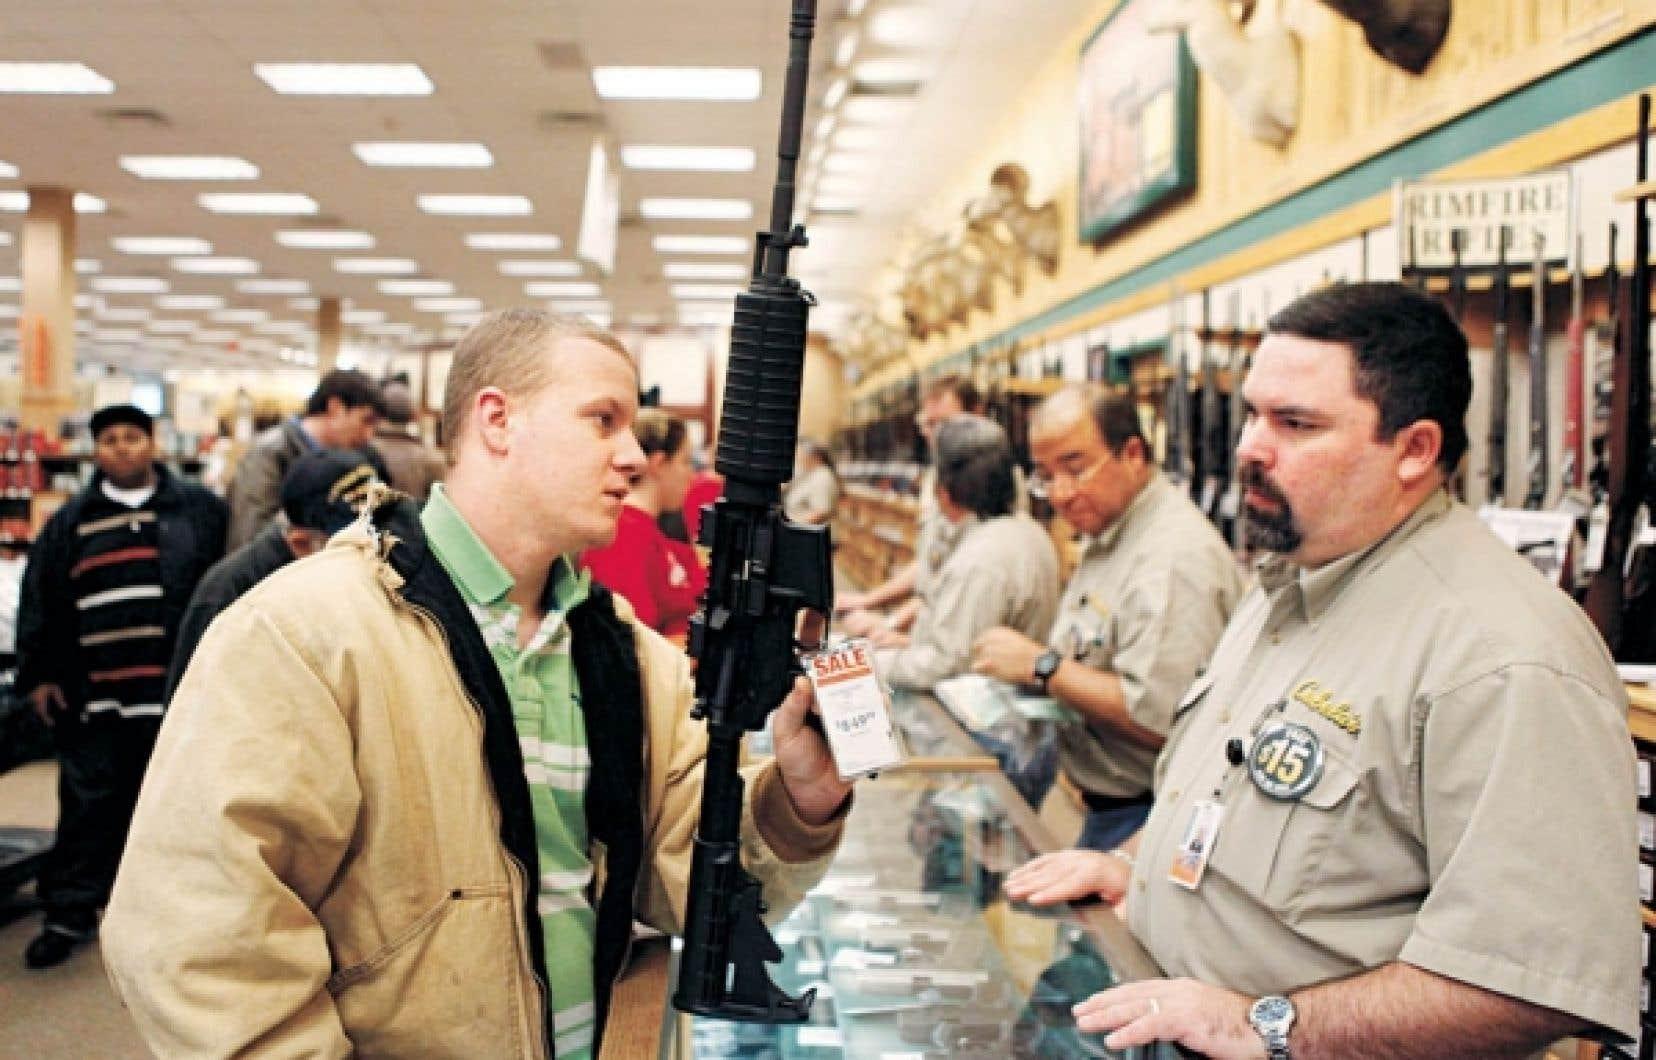 Magasinage durant le dernier solde de Noël chez un armurier texan. Plus de 200 millions d'armes à feu sont en circulation aux États-Unis.<br />